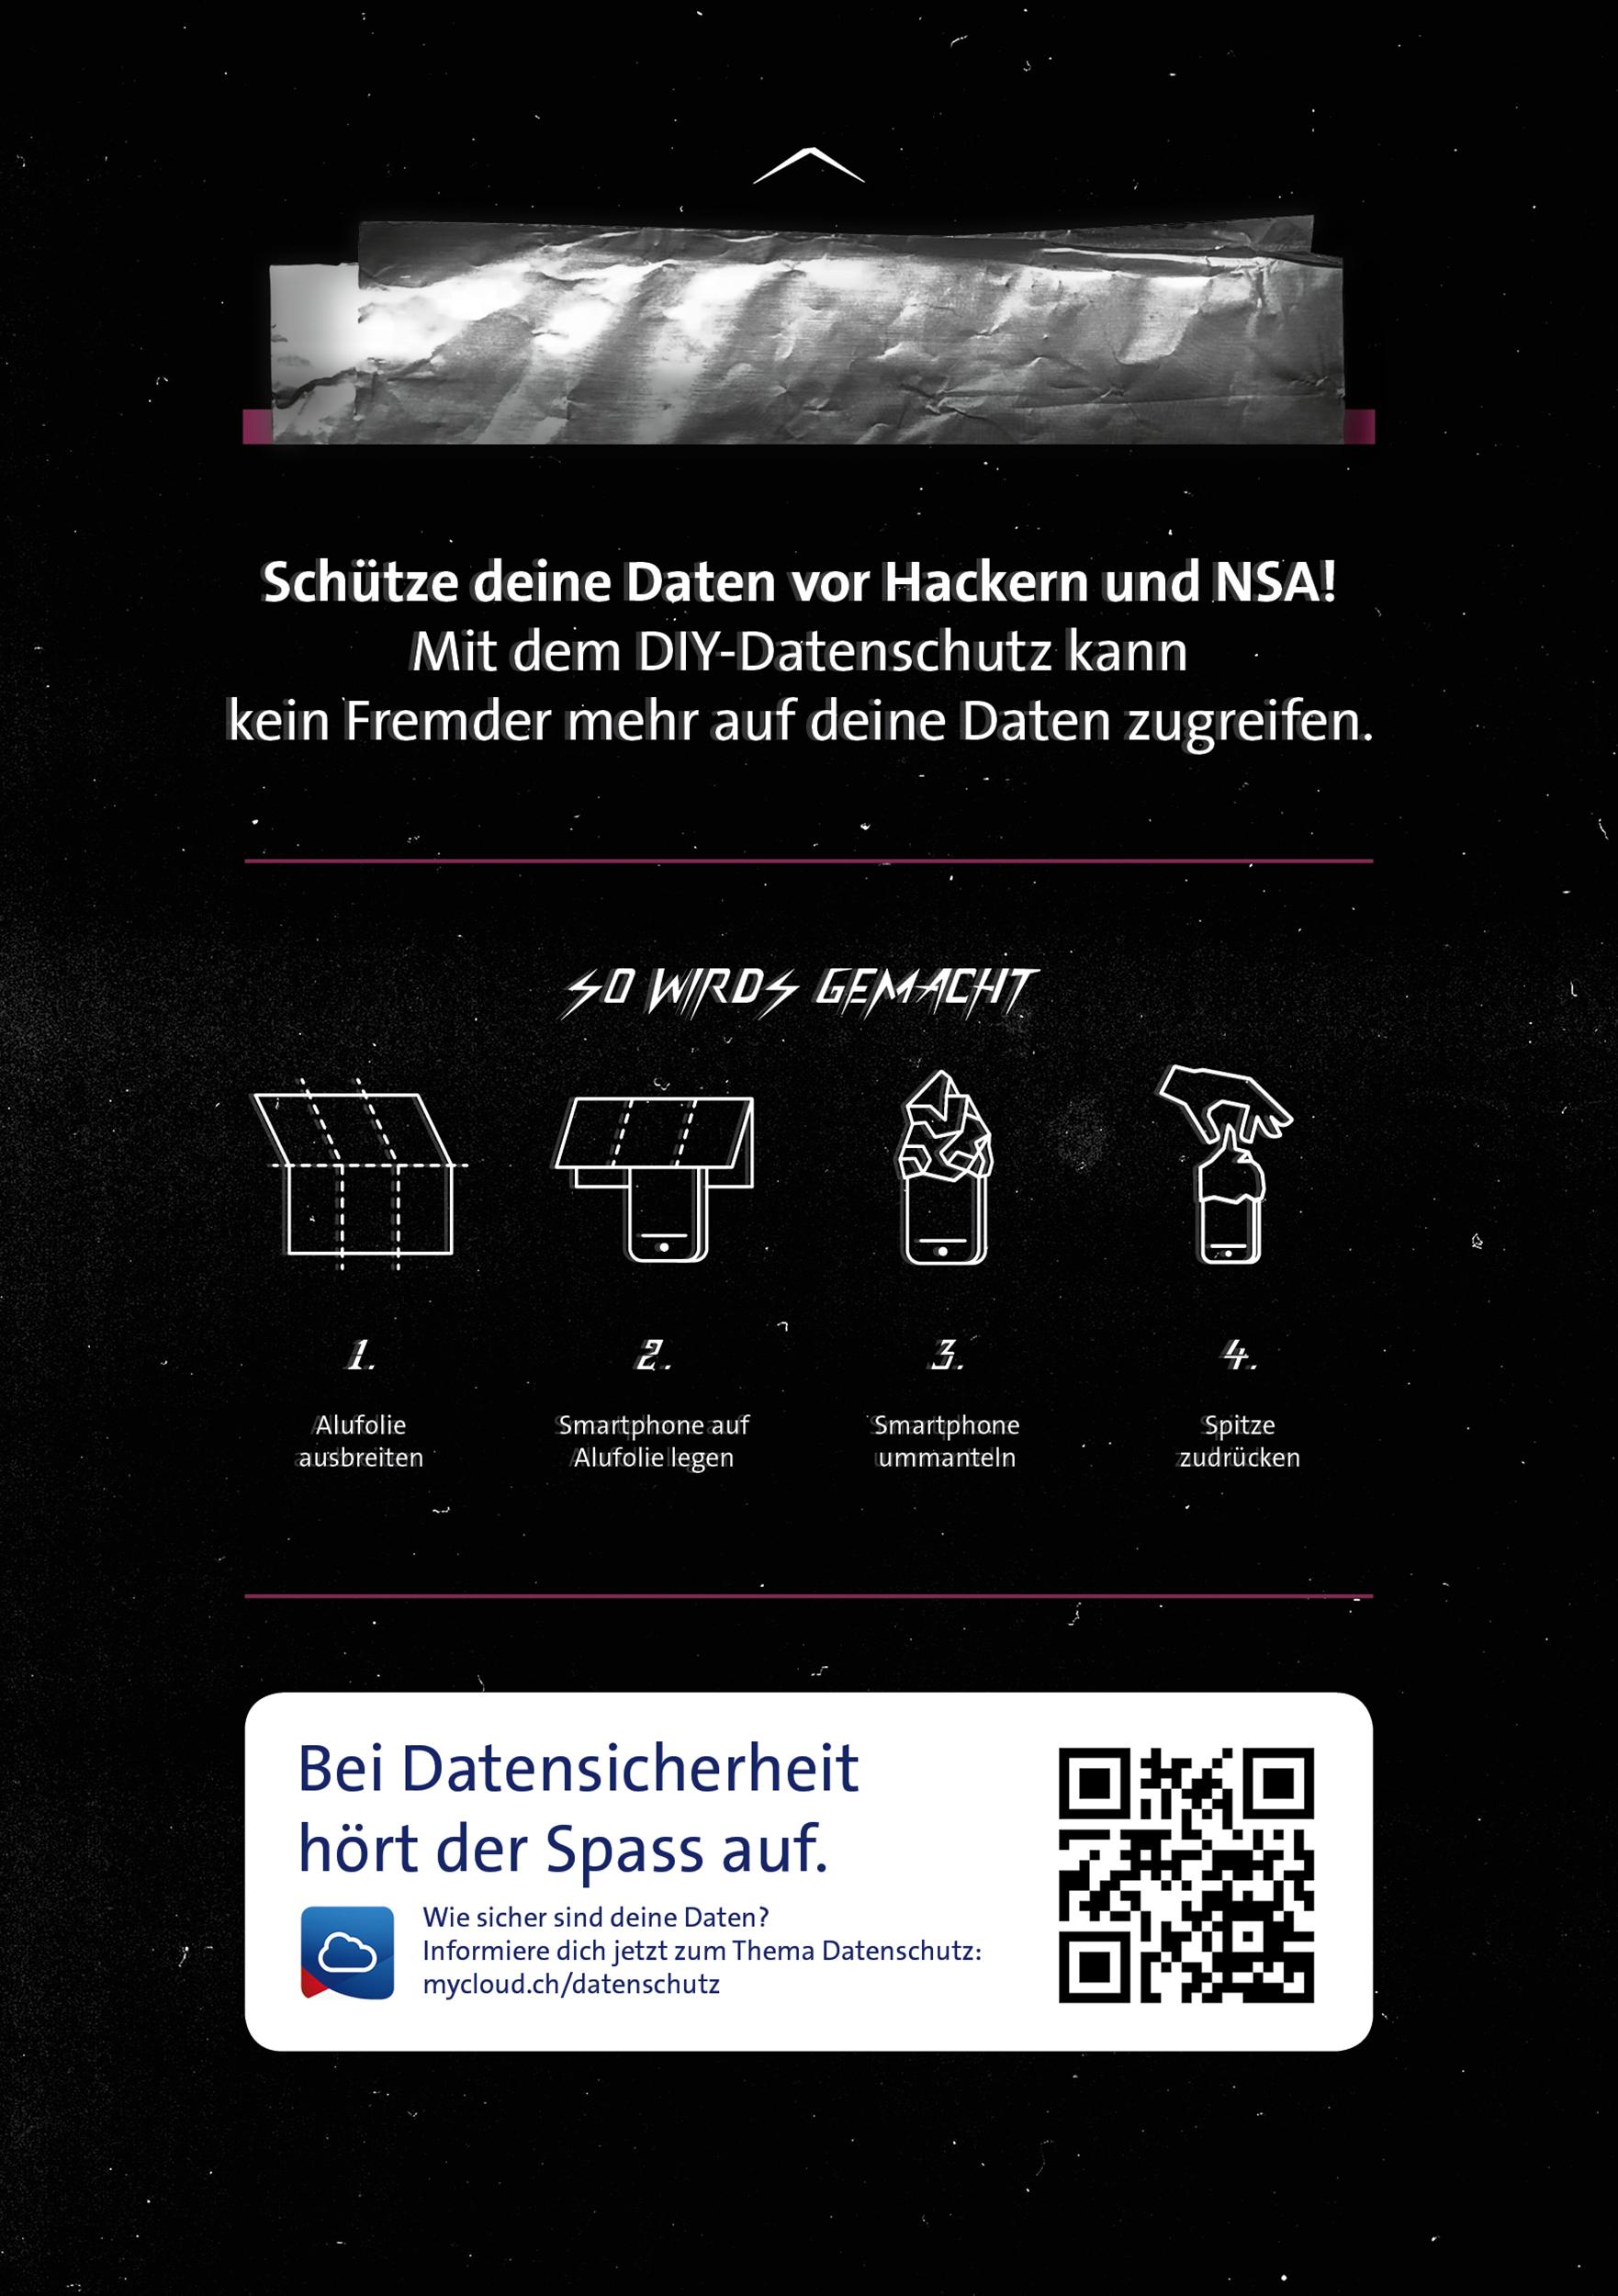 Direct_B_DIY-Datenschutz Rückseite